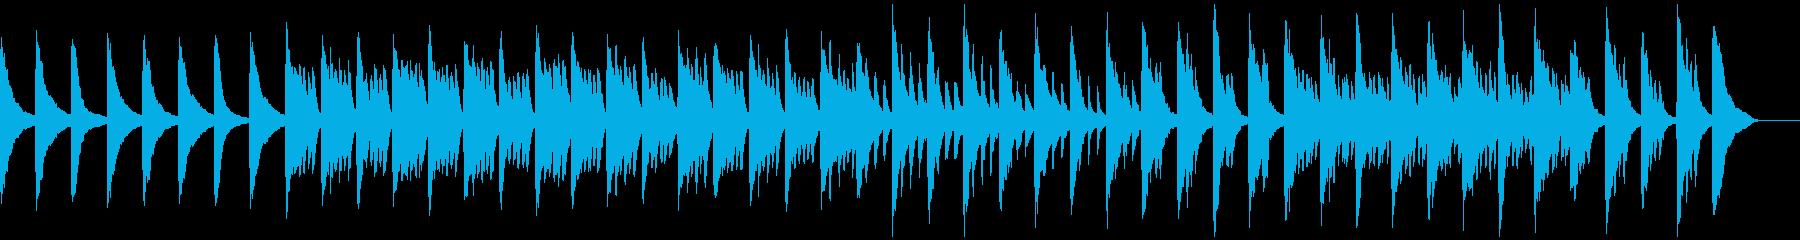 メロディとコードのシンプルなピアノ5の再生済みの波形